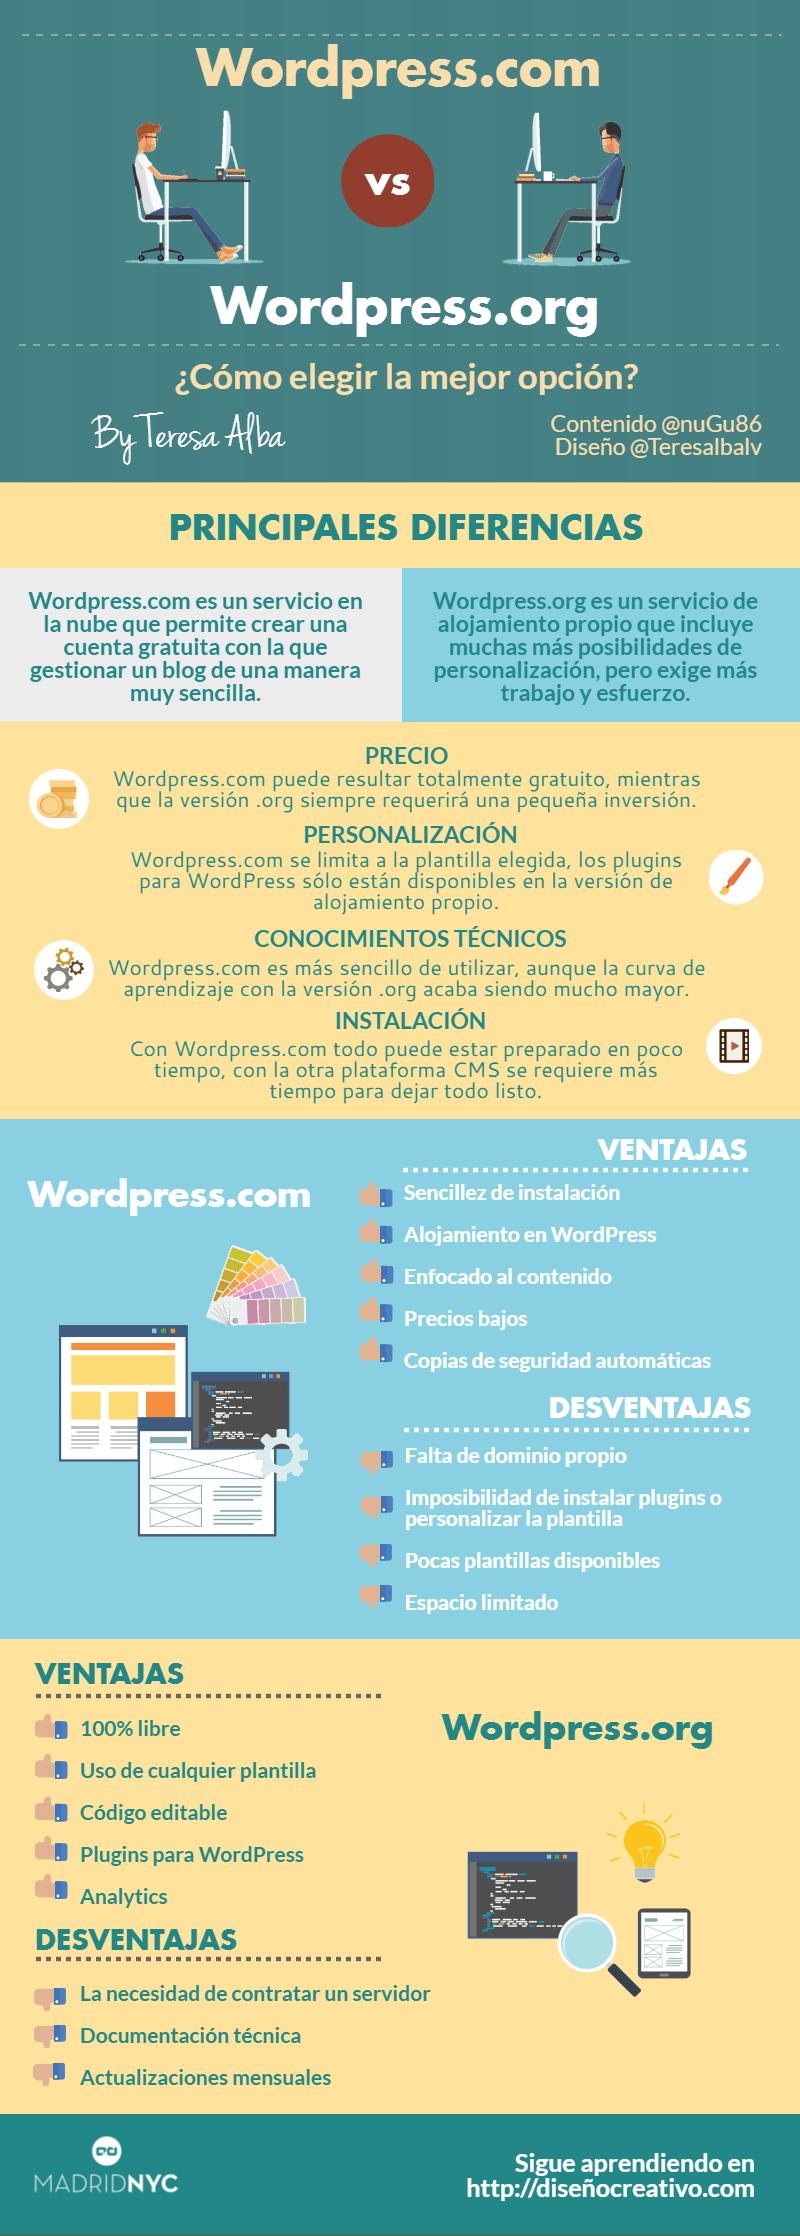 WordPress.com vs WordPress.org cómo elegir la mejor opción